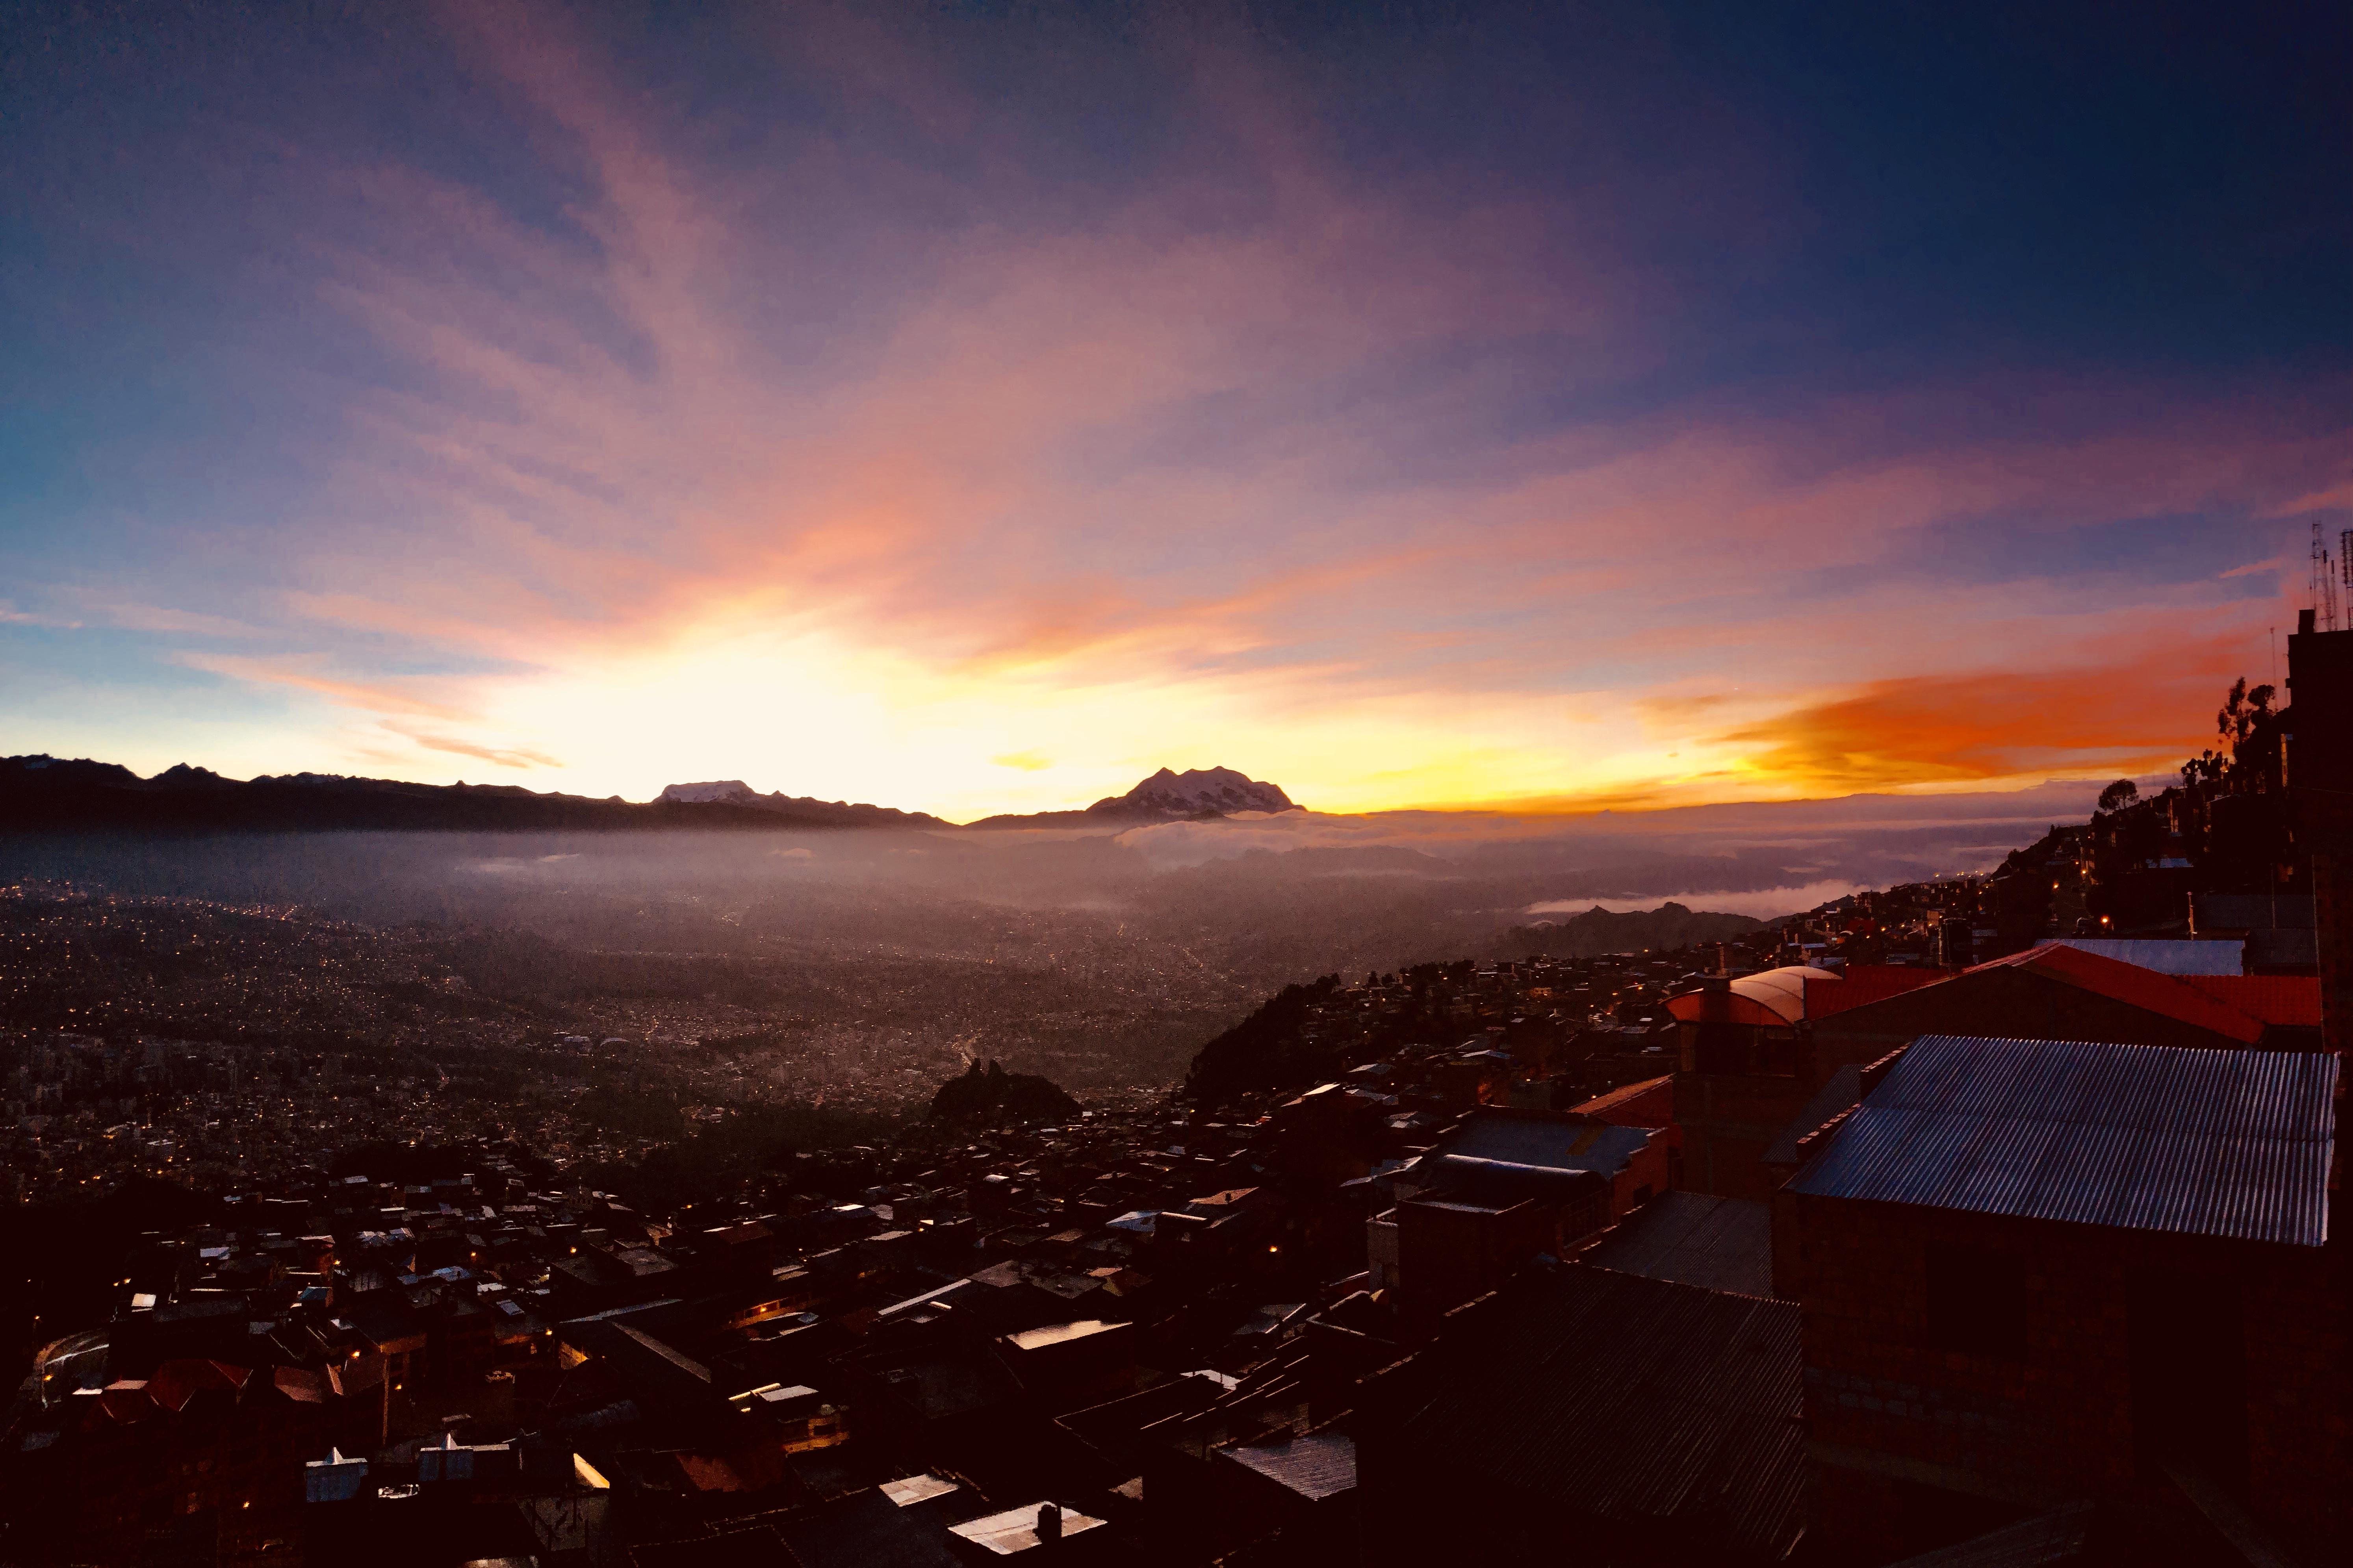 Sunrise over La Paz, Bolivia taken by Nick Butter